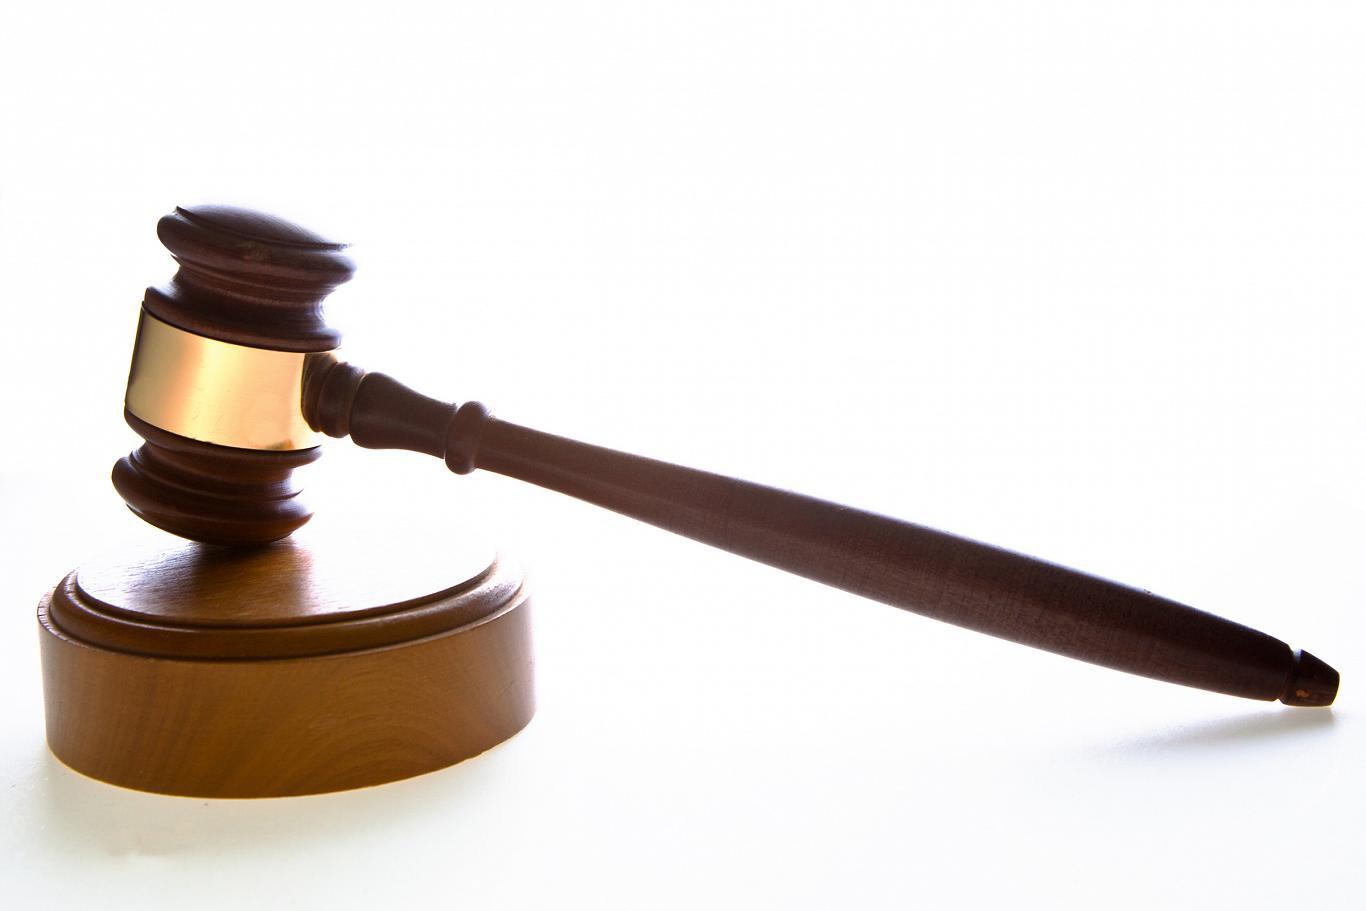 Rechtsfall Anspruch gehbehinderter Wohnungseigentümer auf Personenlift